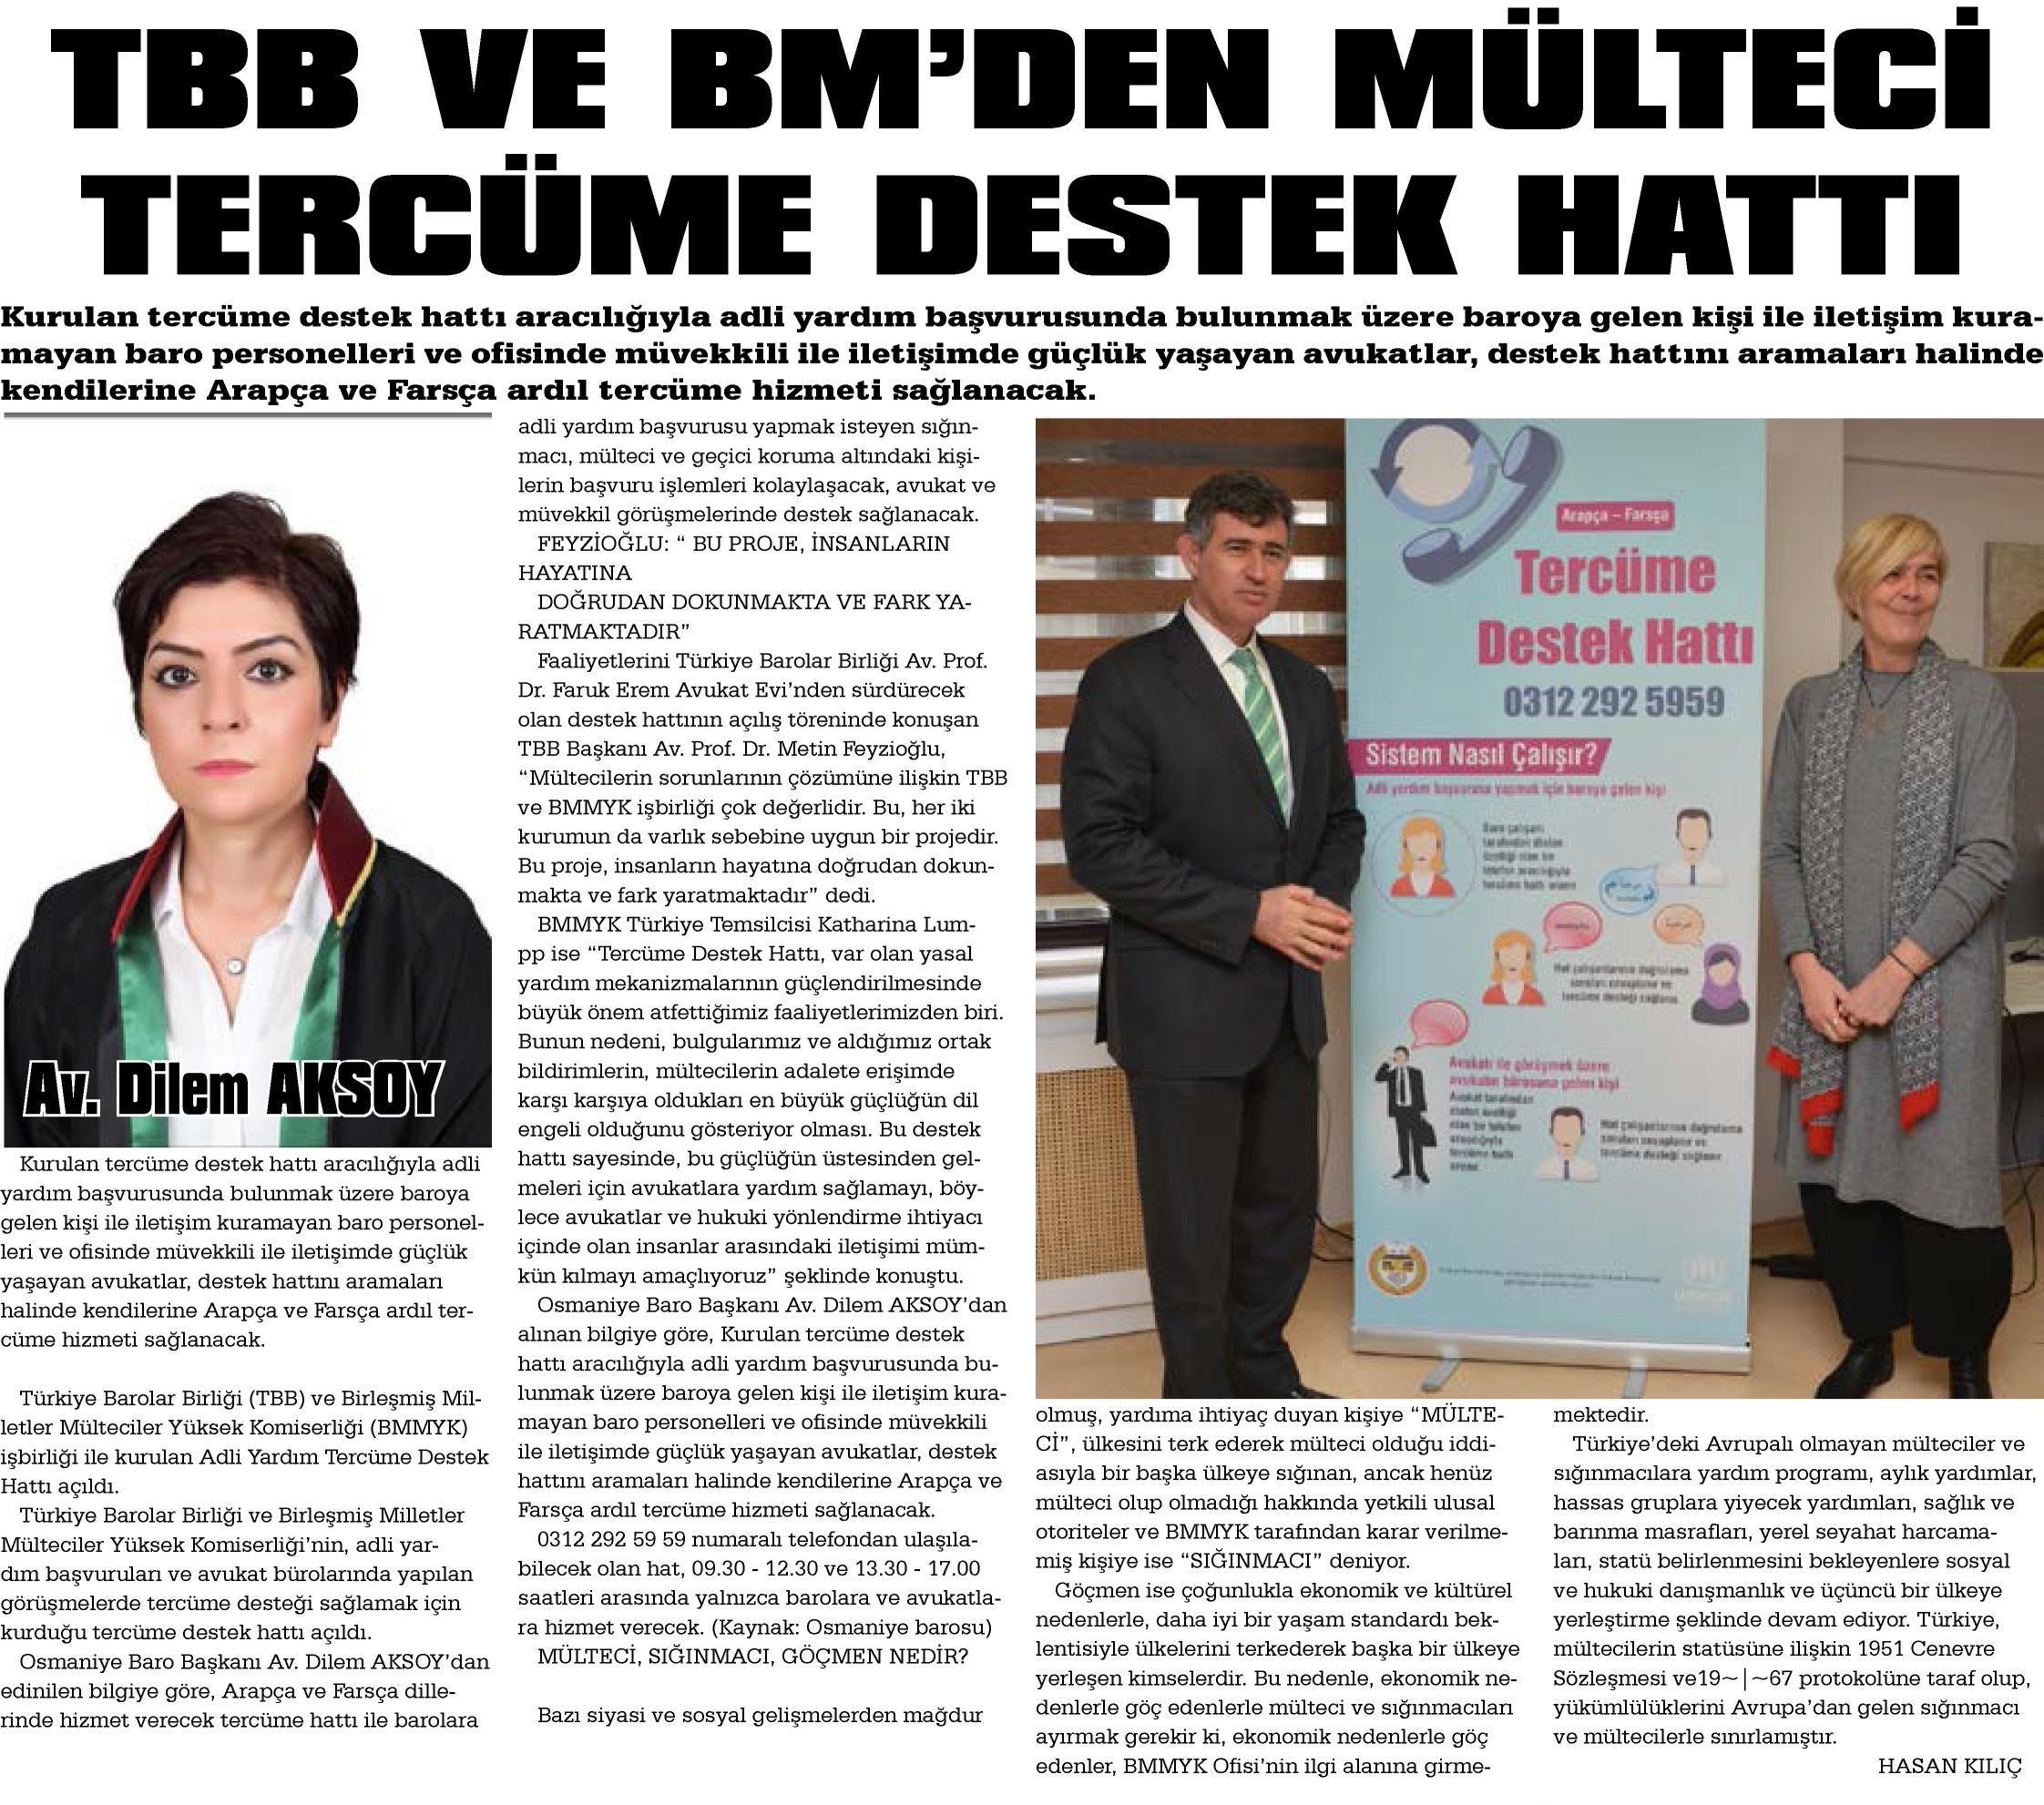 Yurt Gazetesi, TBB ve BM'den Mülteci Tercüme Destek Hattı